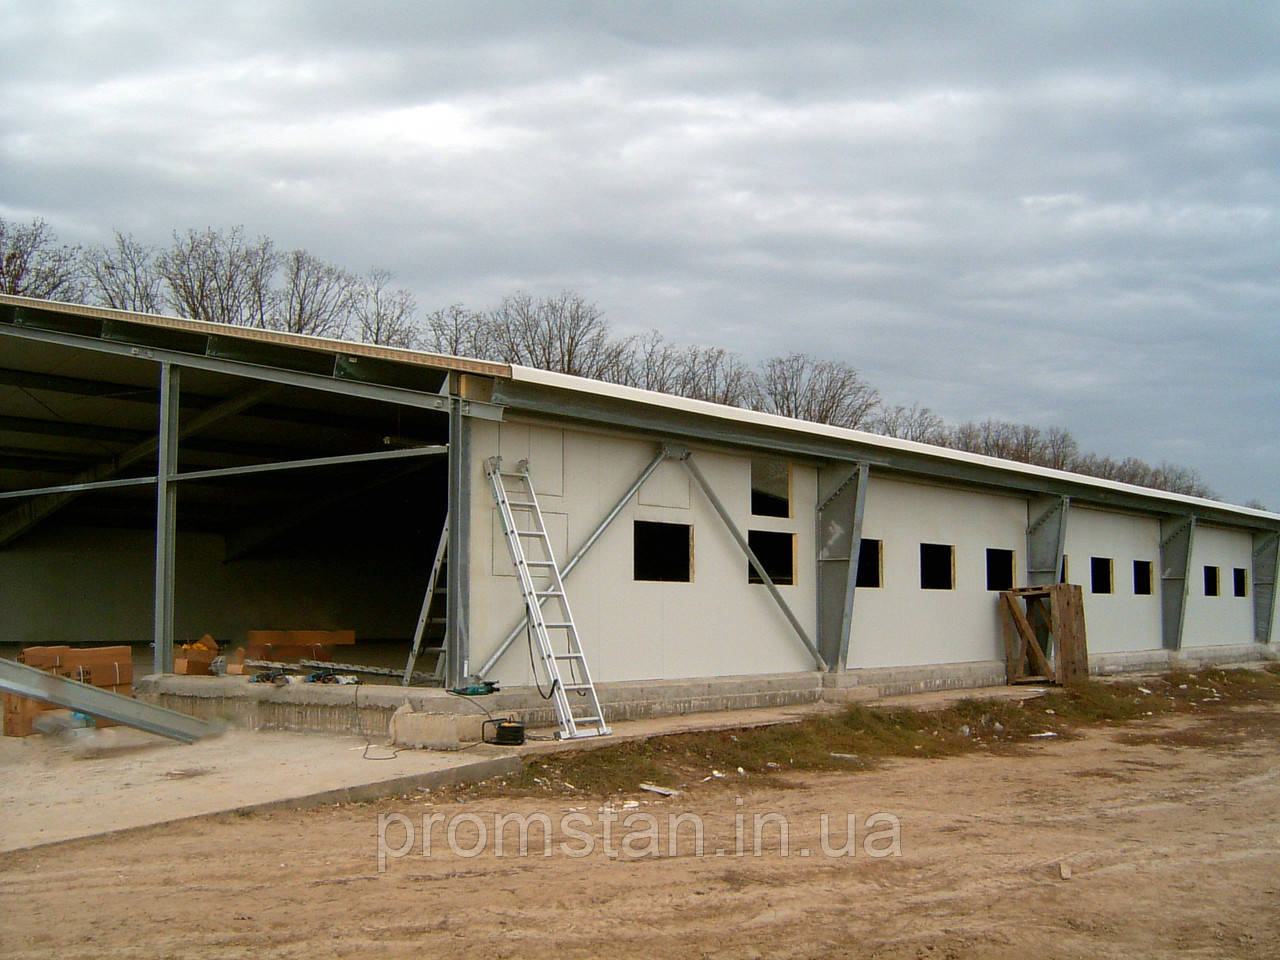 Монтаж быстромонтируемых каркасных зданий БМЗ из профнастила (холодное здание)